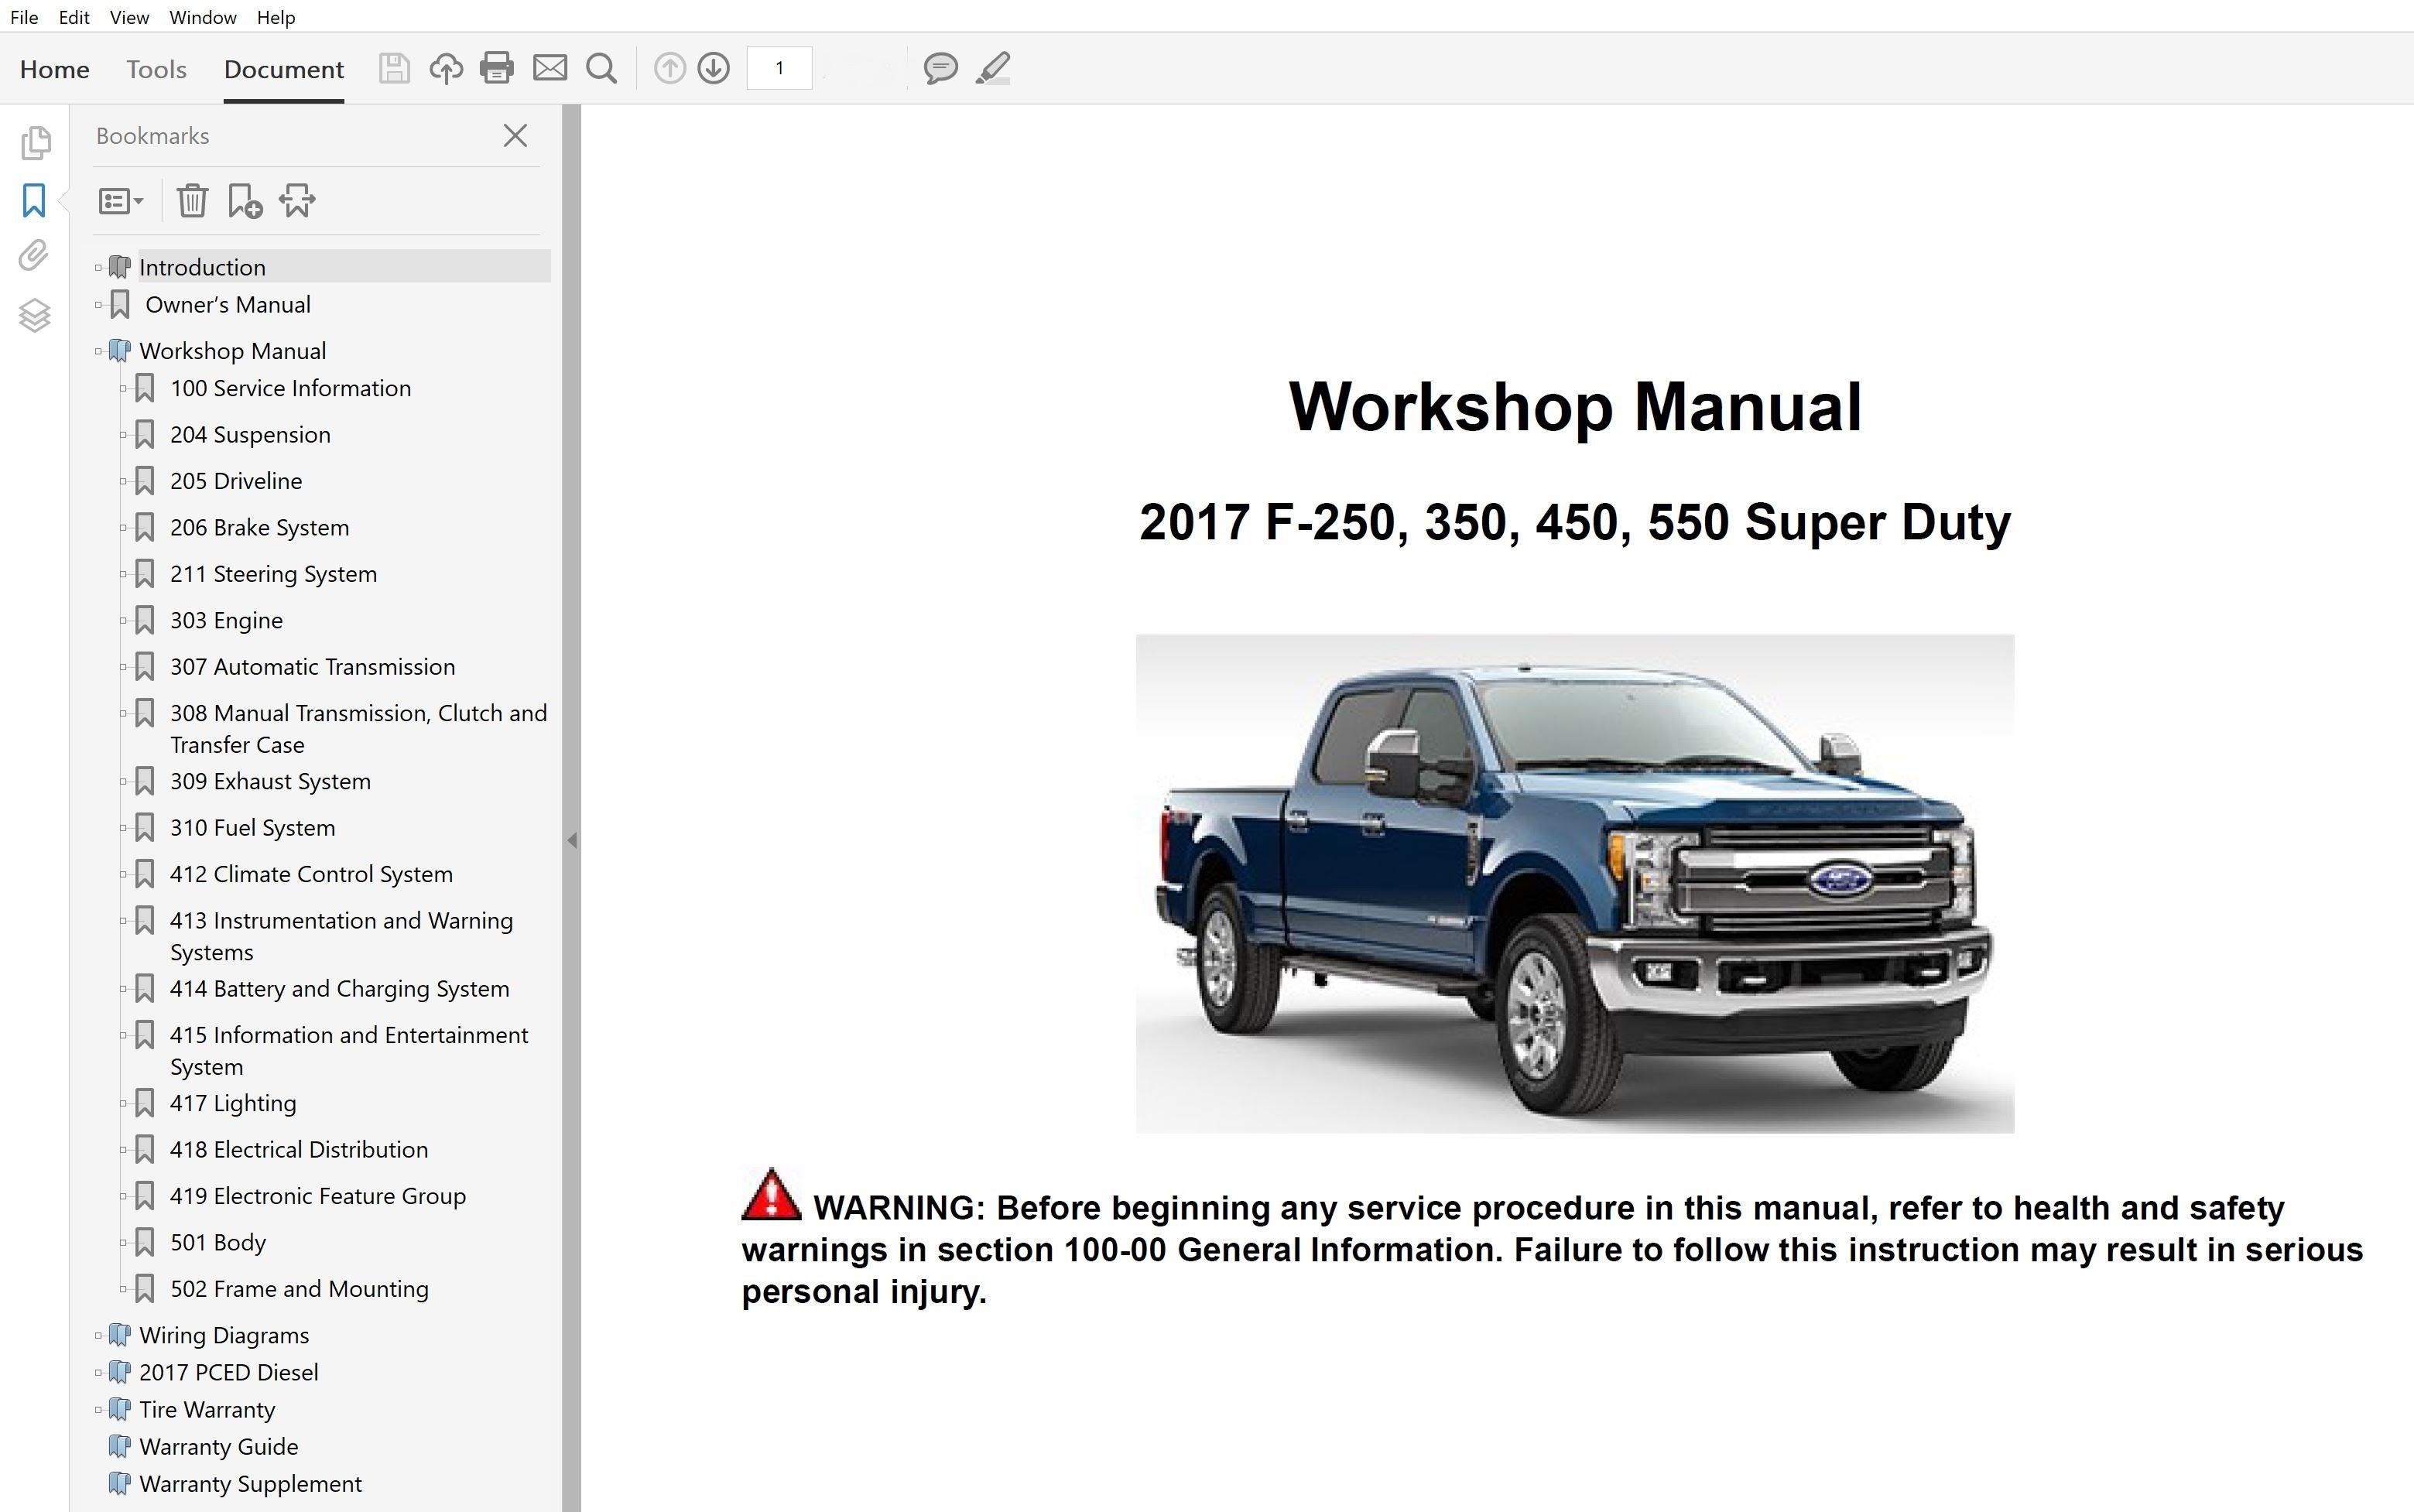 2013 Ford Super Duty Wiring Schematic 2000 4runner Fuse Diagram Wiring Diagram Schematics